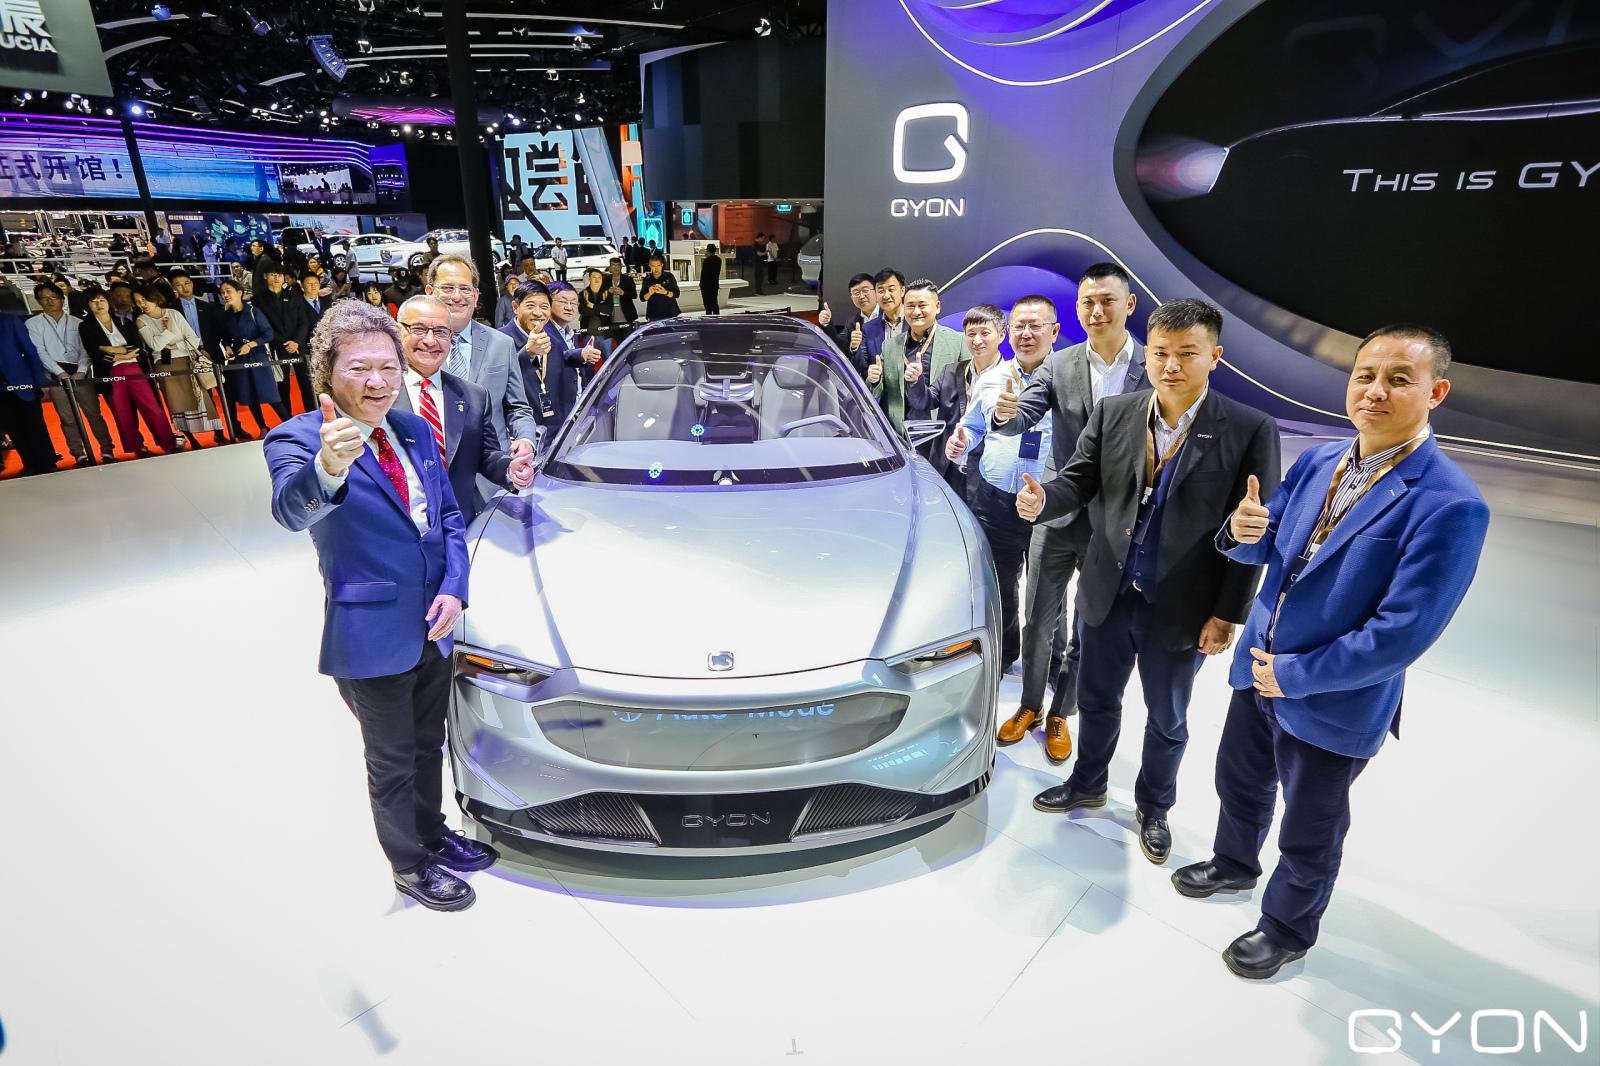 高端电动汽车品牌GYON携首款旗舰车型亮相上海车展